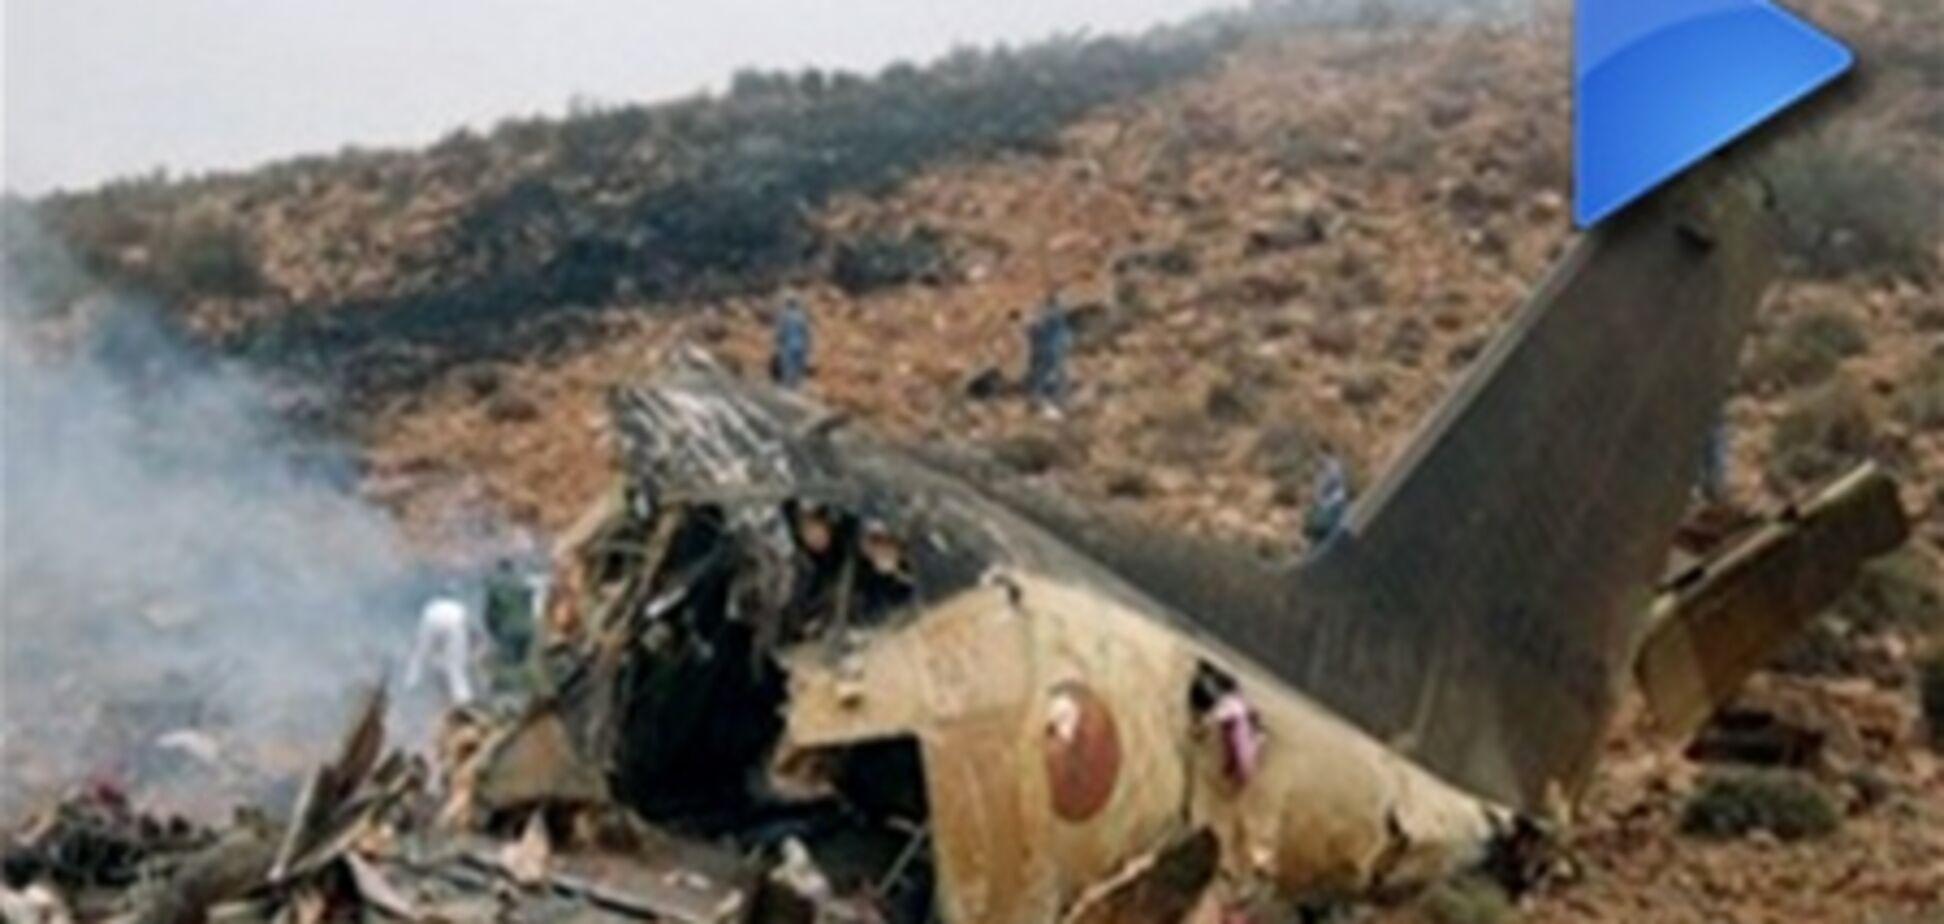 ОБОЗ.TV: оперативные кадры с места авиакатастрофы в Марокко